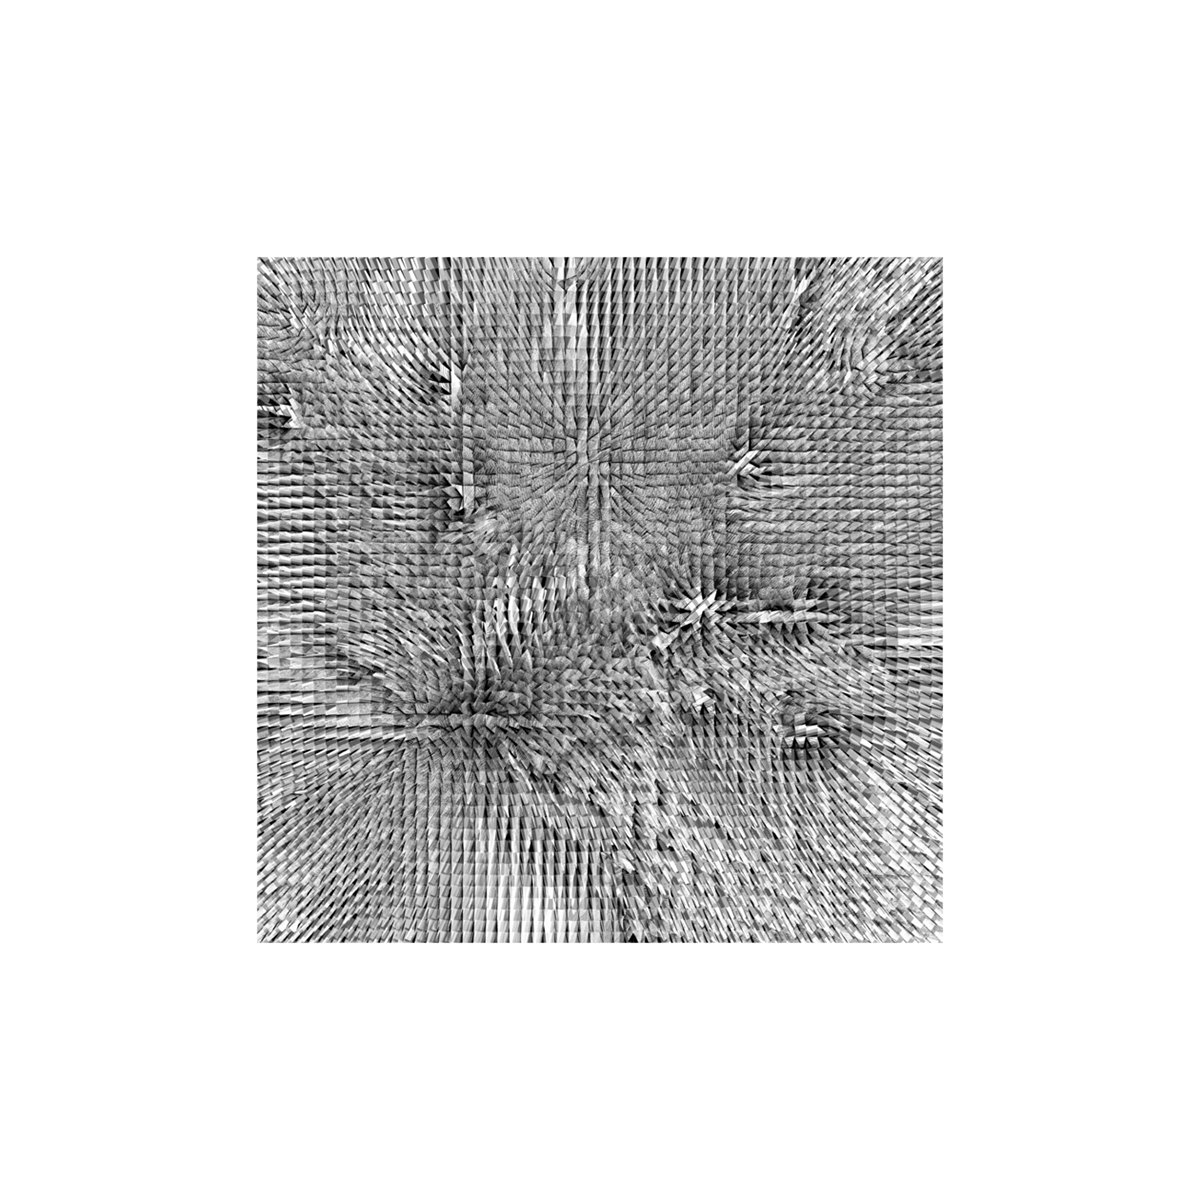 processing texture generative